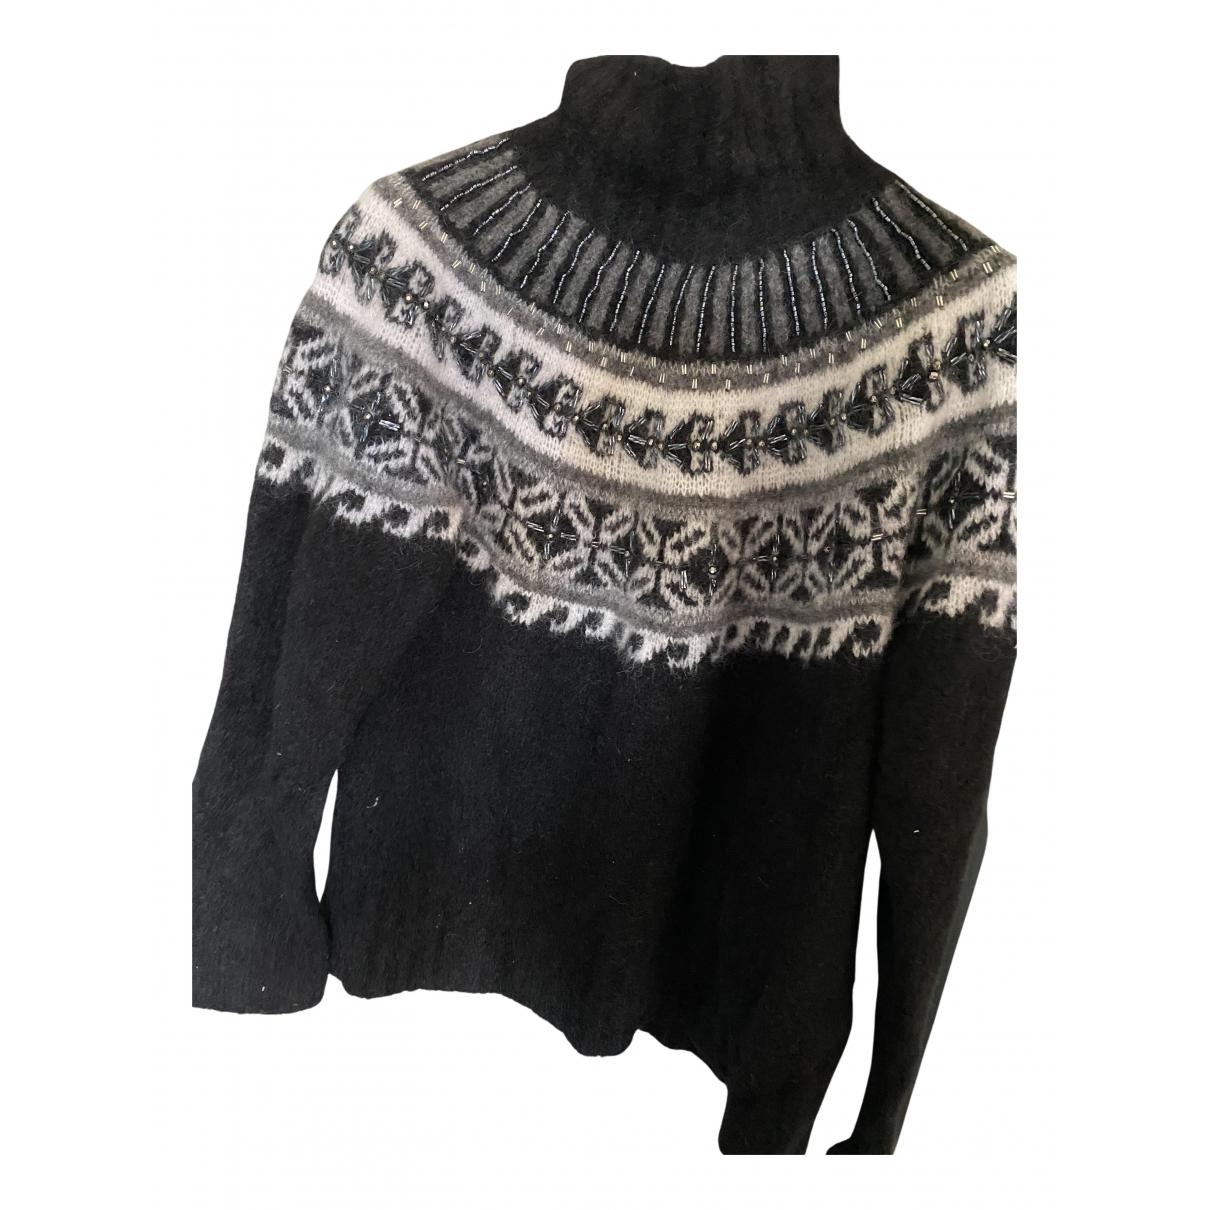 Zara N Blue Knitwear for Women M International